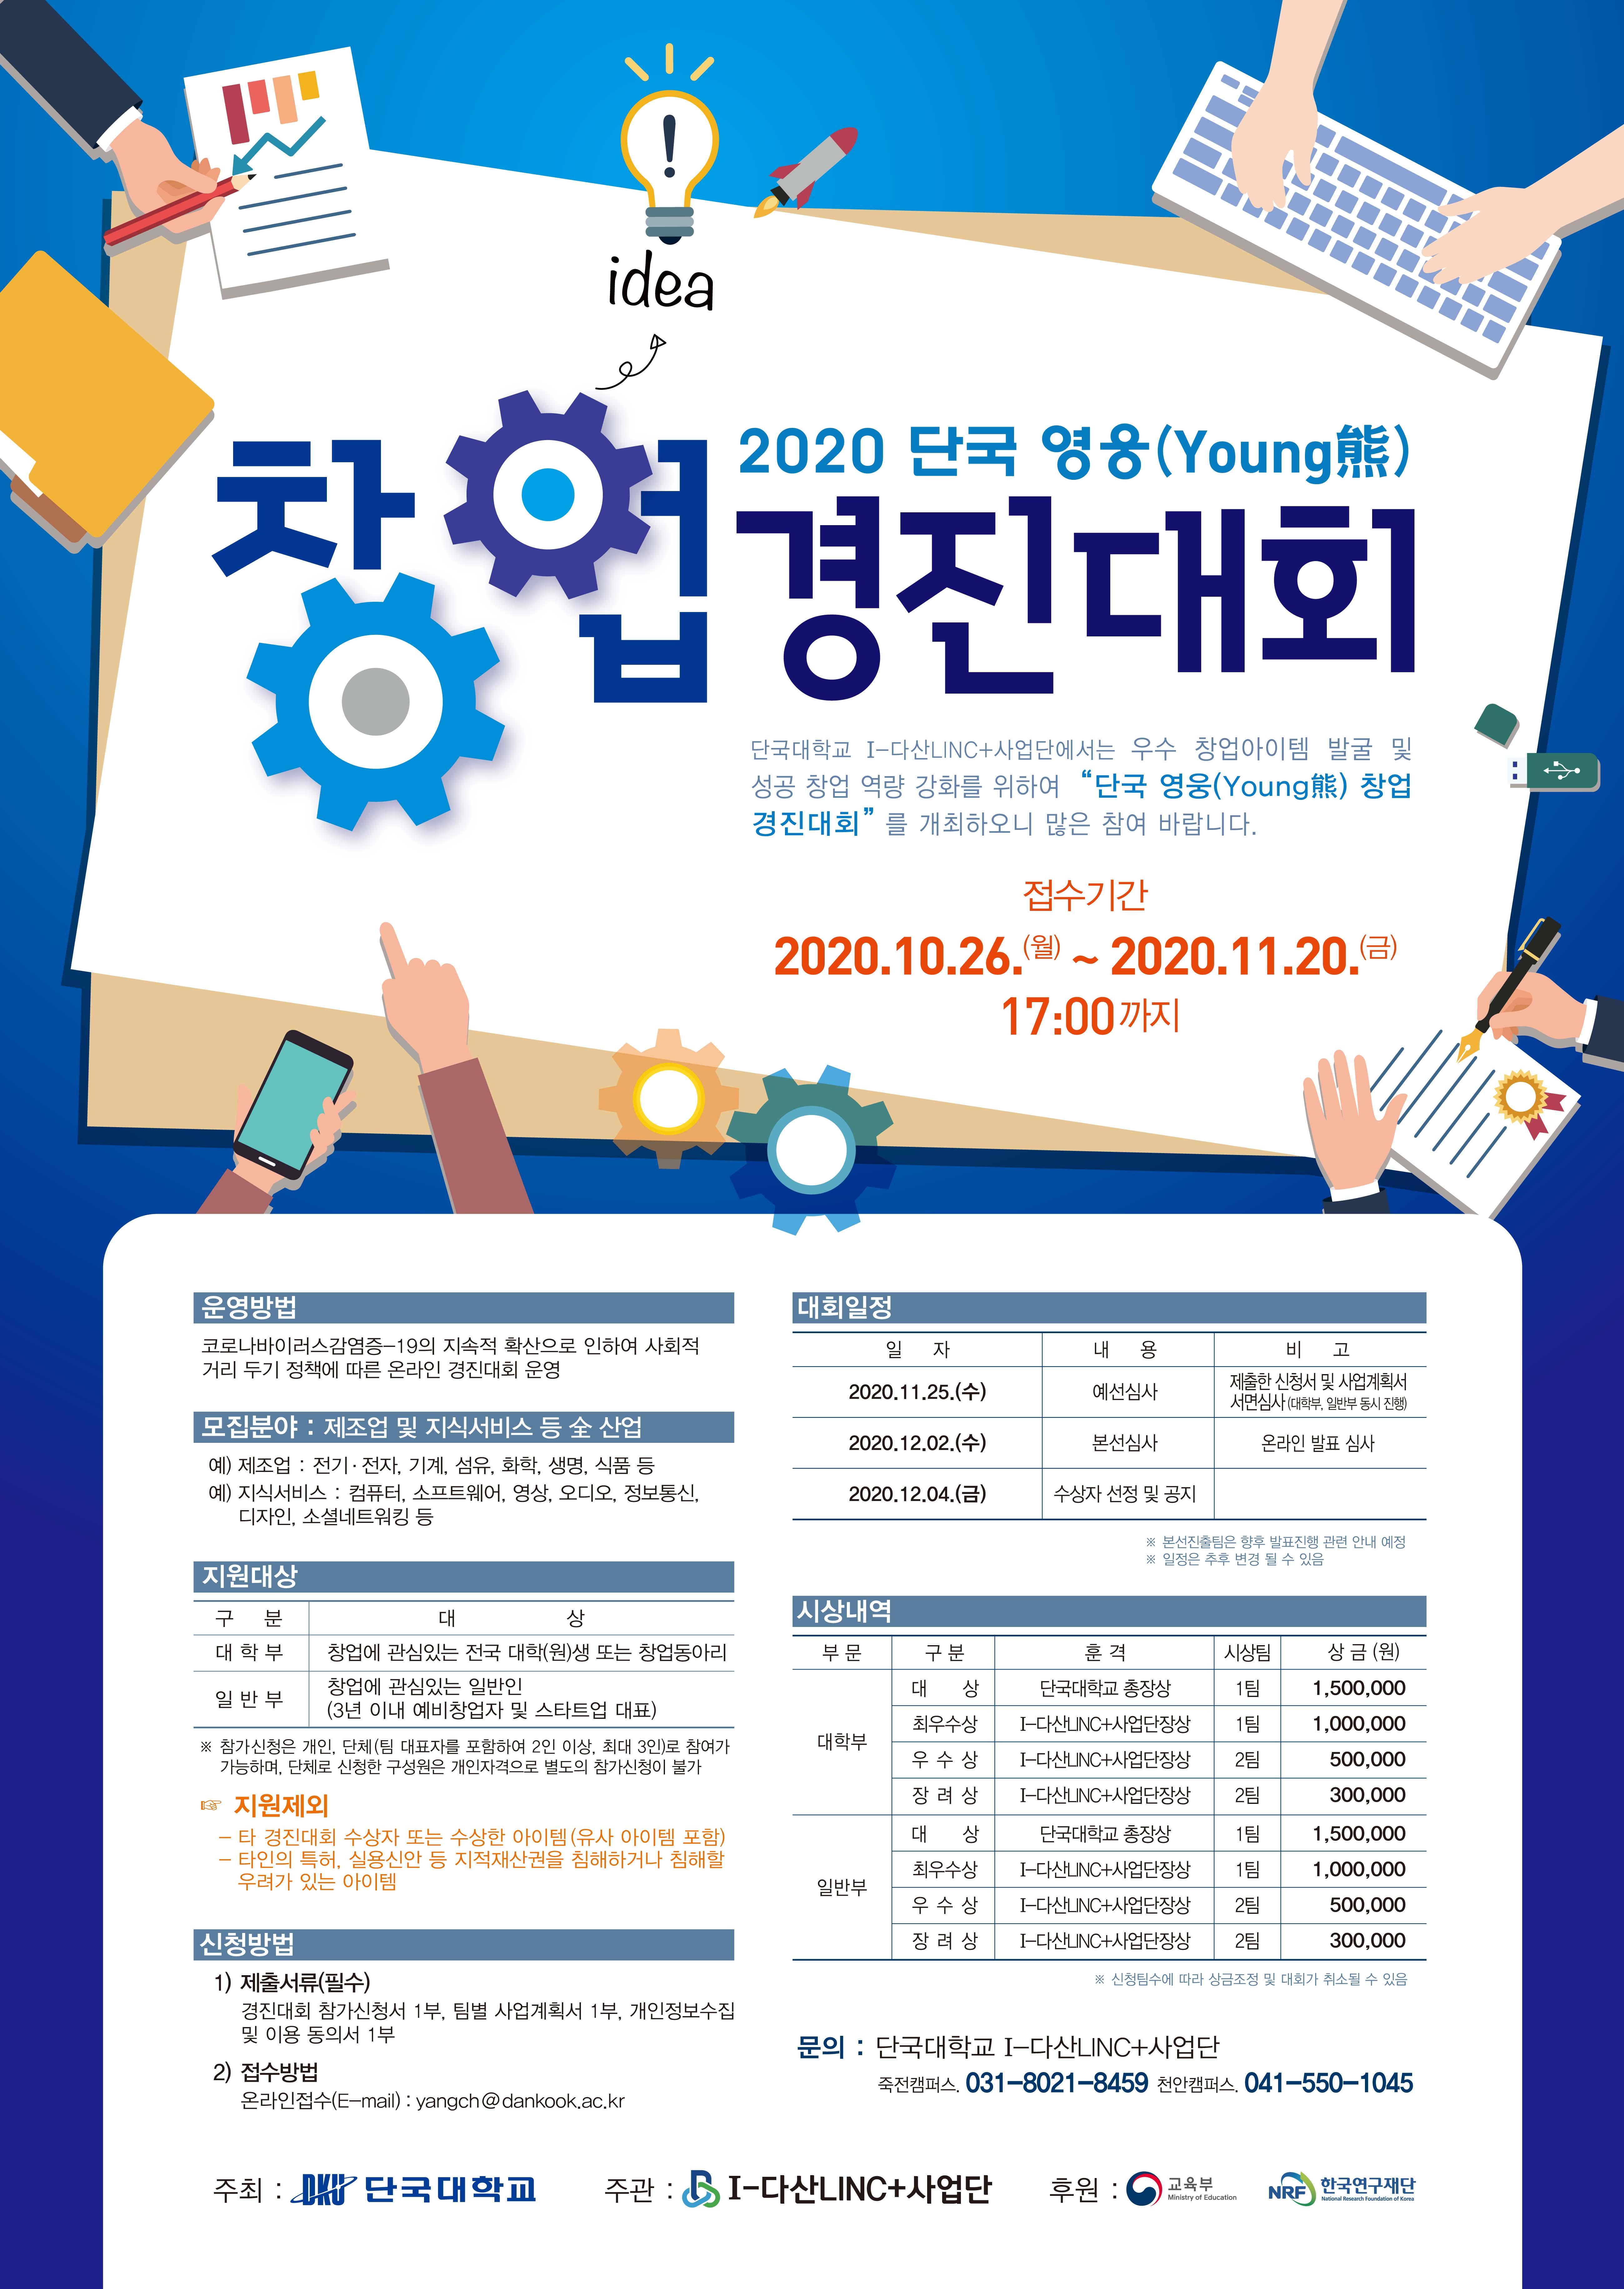 [붙임3] 2020 단국 영웅(Young熊) 창업 경진대회 포스터.jpg